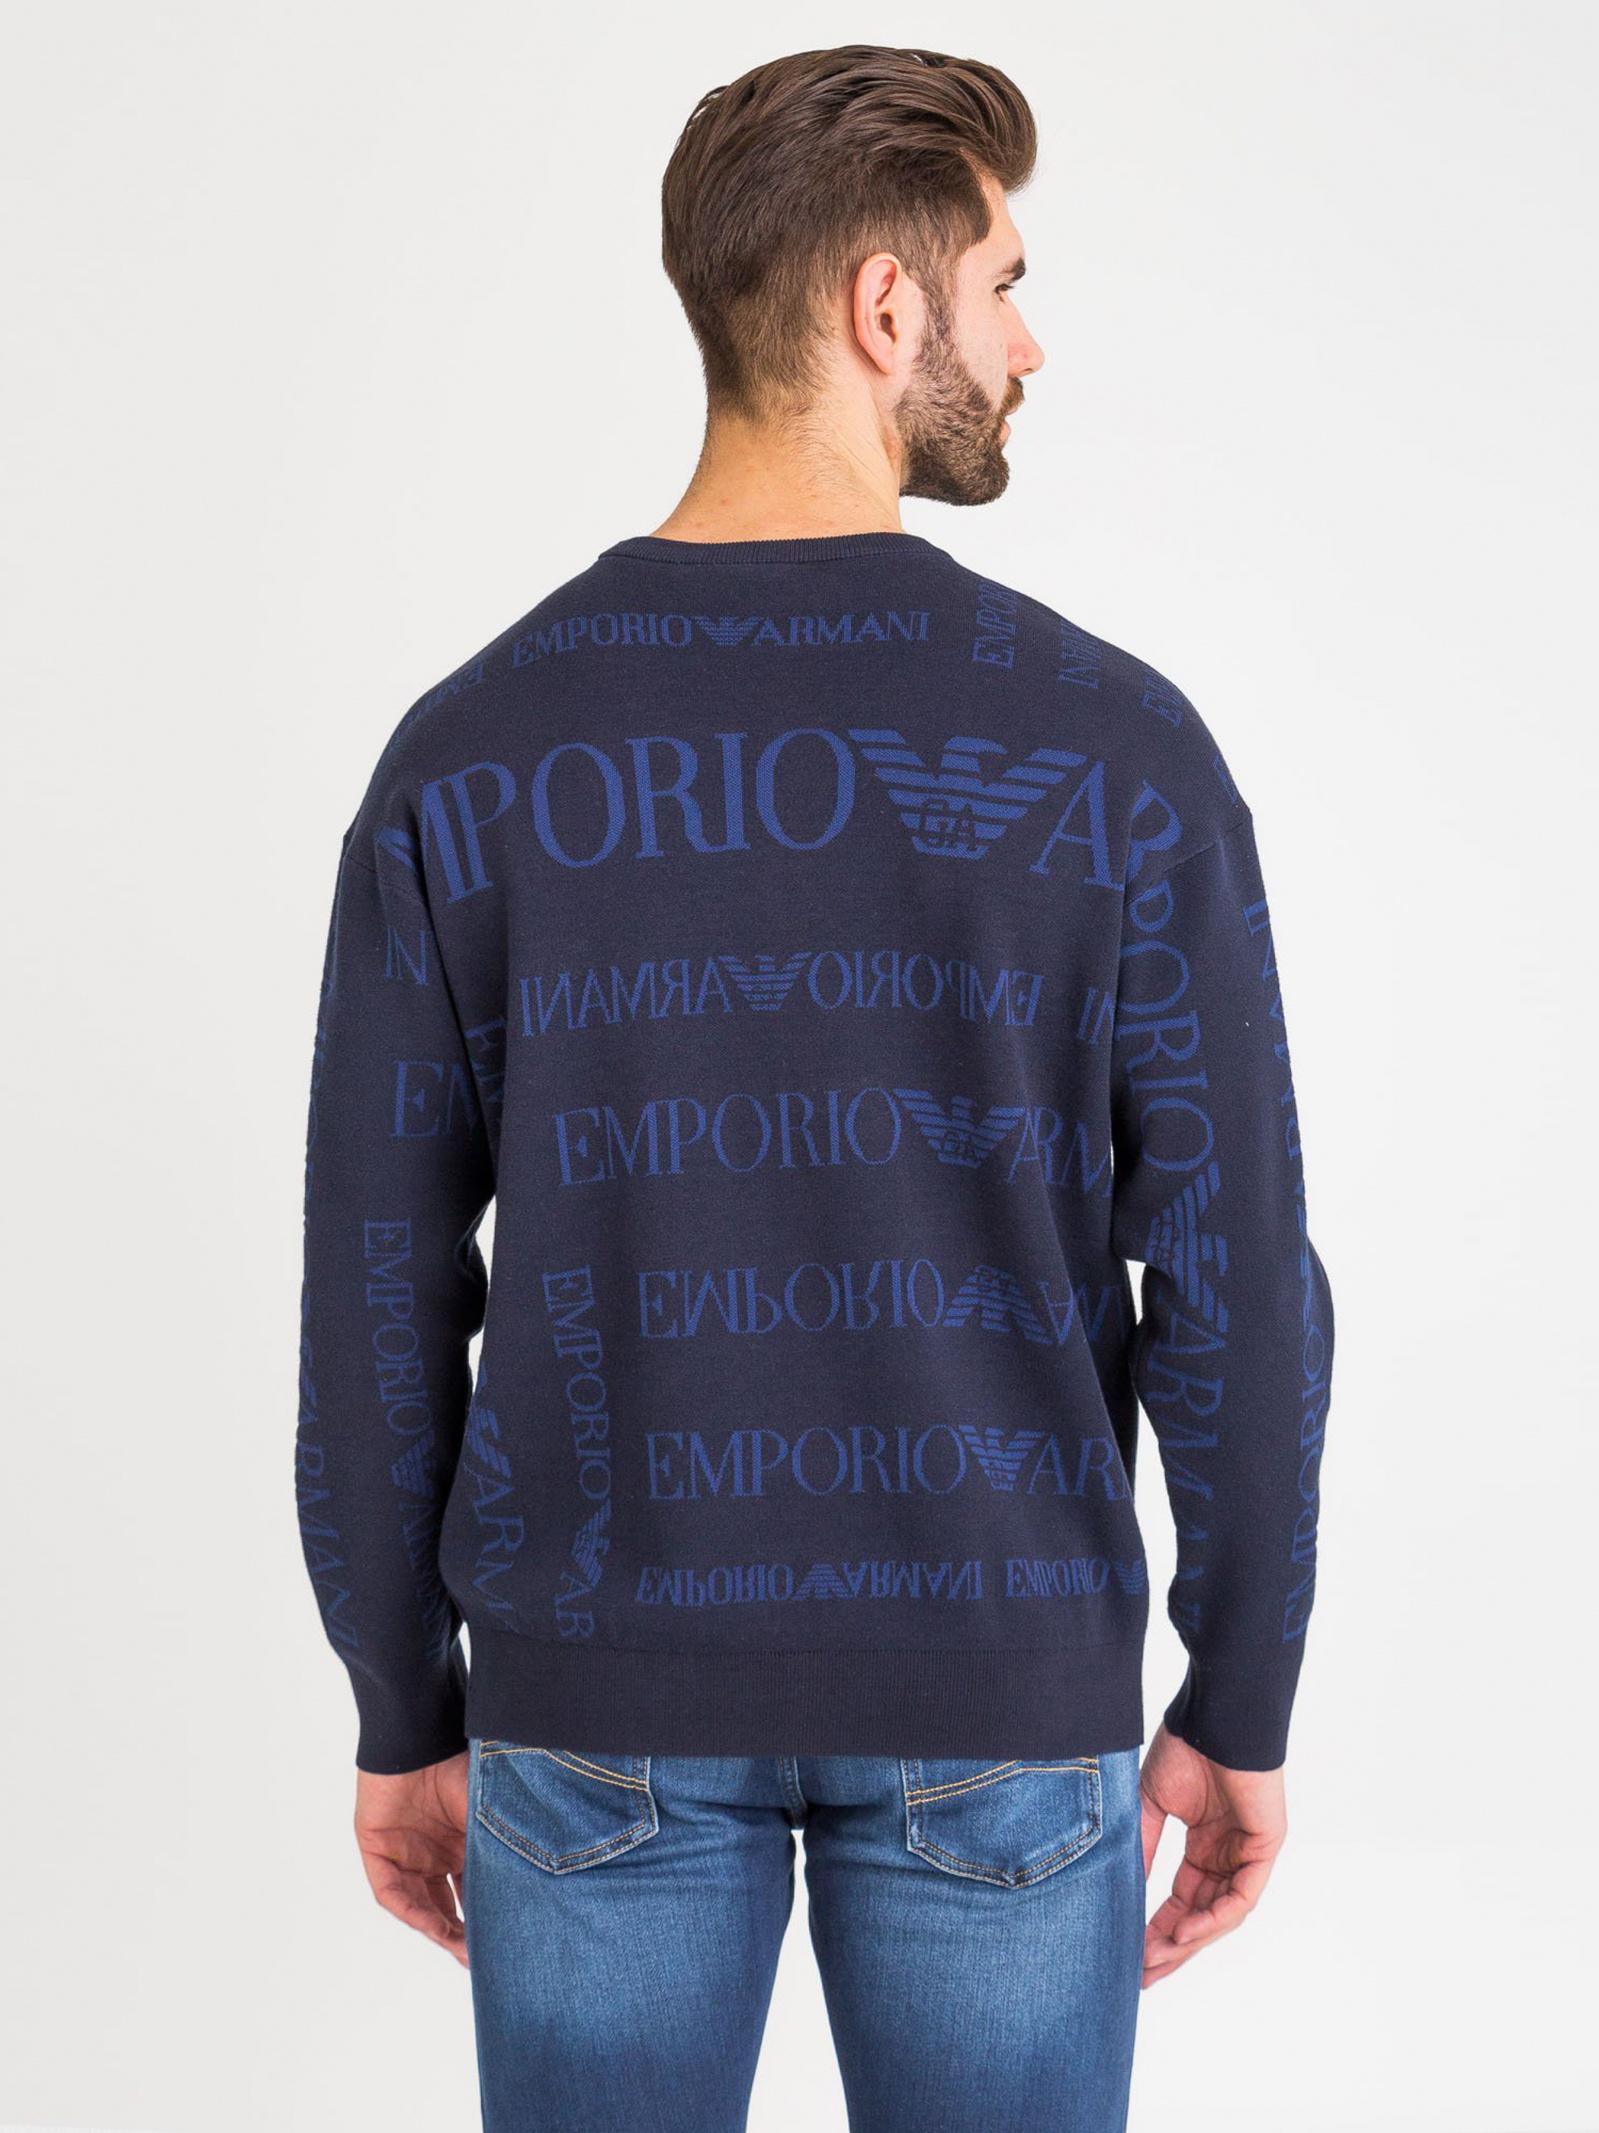 Кофты и свитера мужские Emporio Armani модель 5O1186 купить, 2017